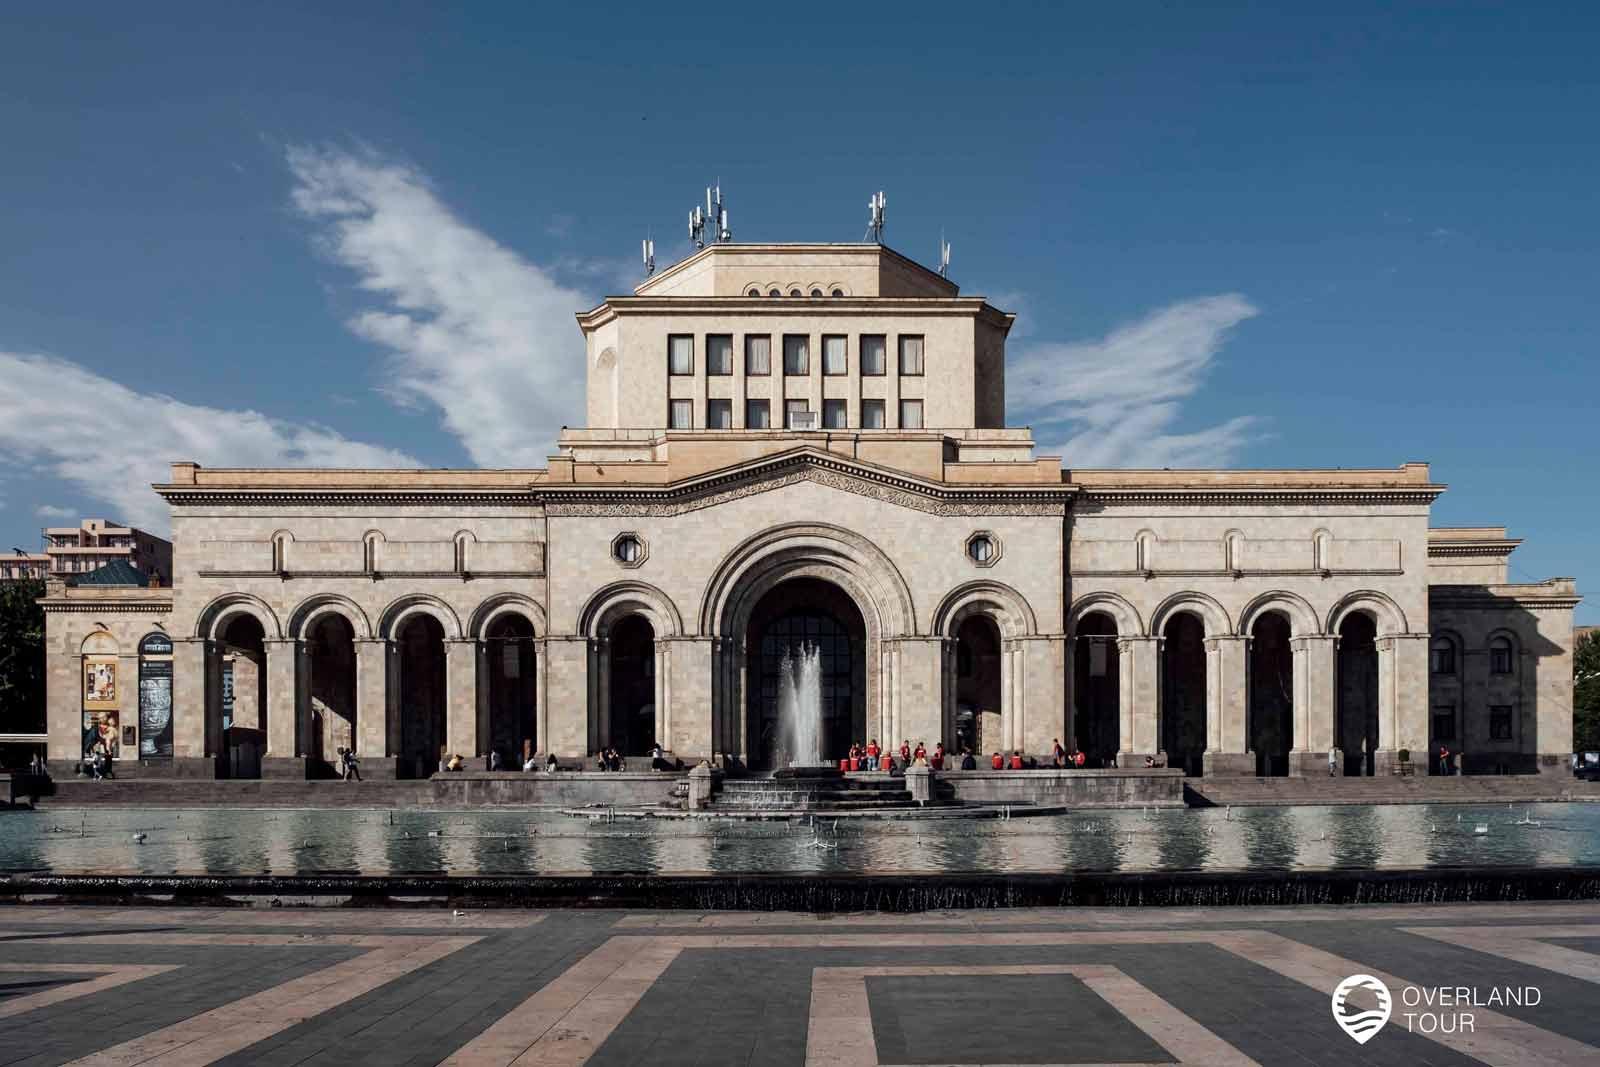 Sehenswürdigkeit Jerewan | Top 10 - Das History Museum of Armenia ist das Forschungszentrum für armenische Geschichte und Kultur